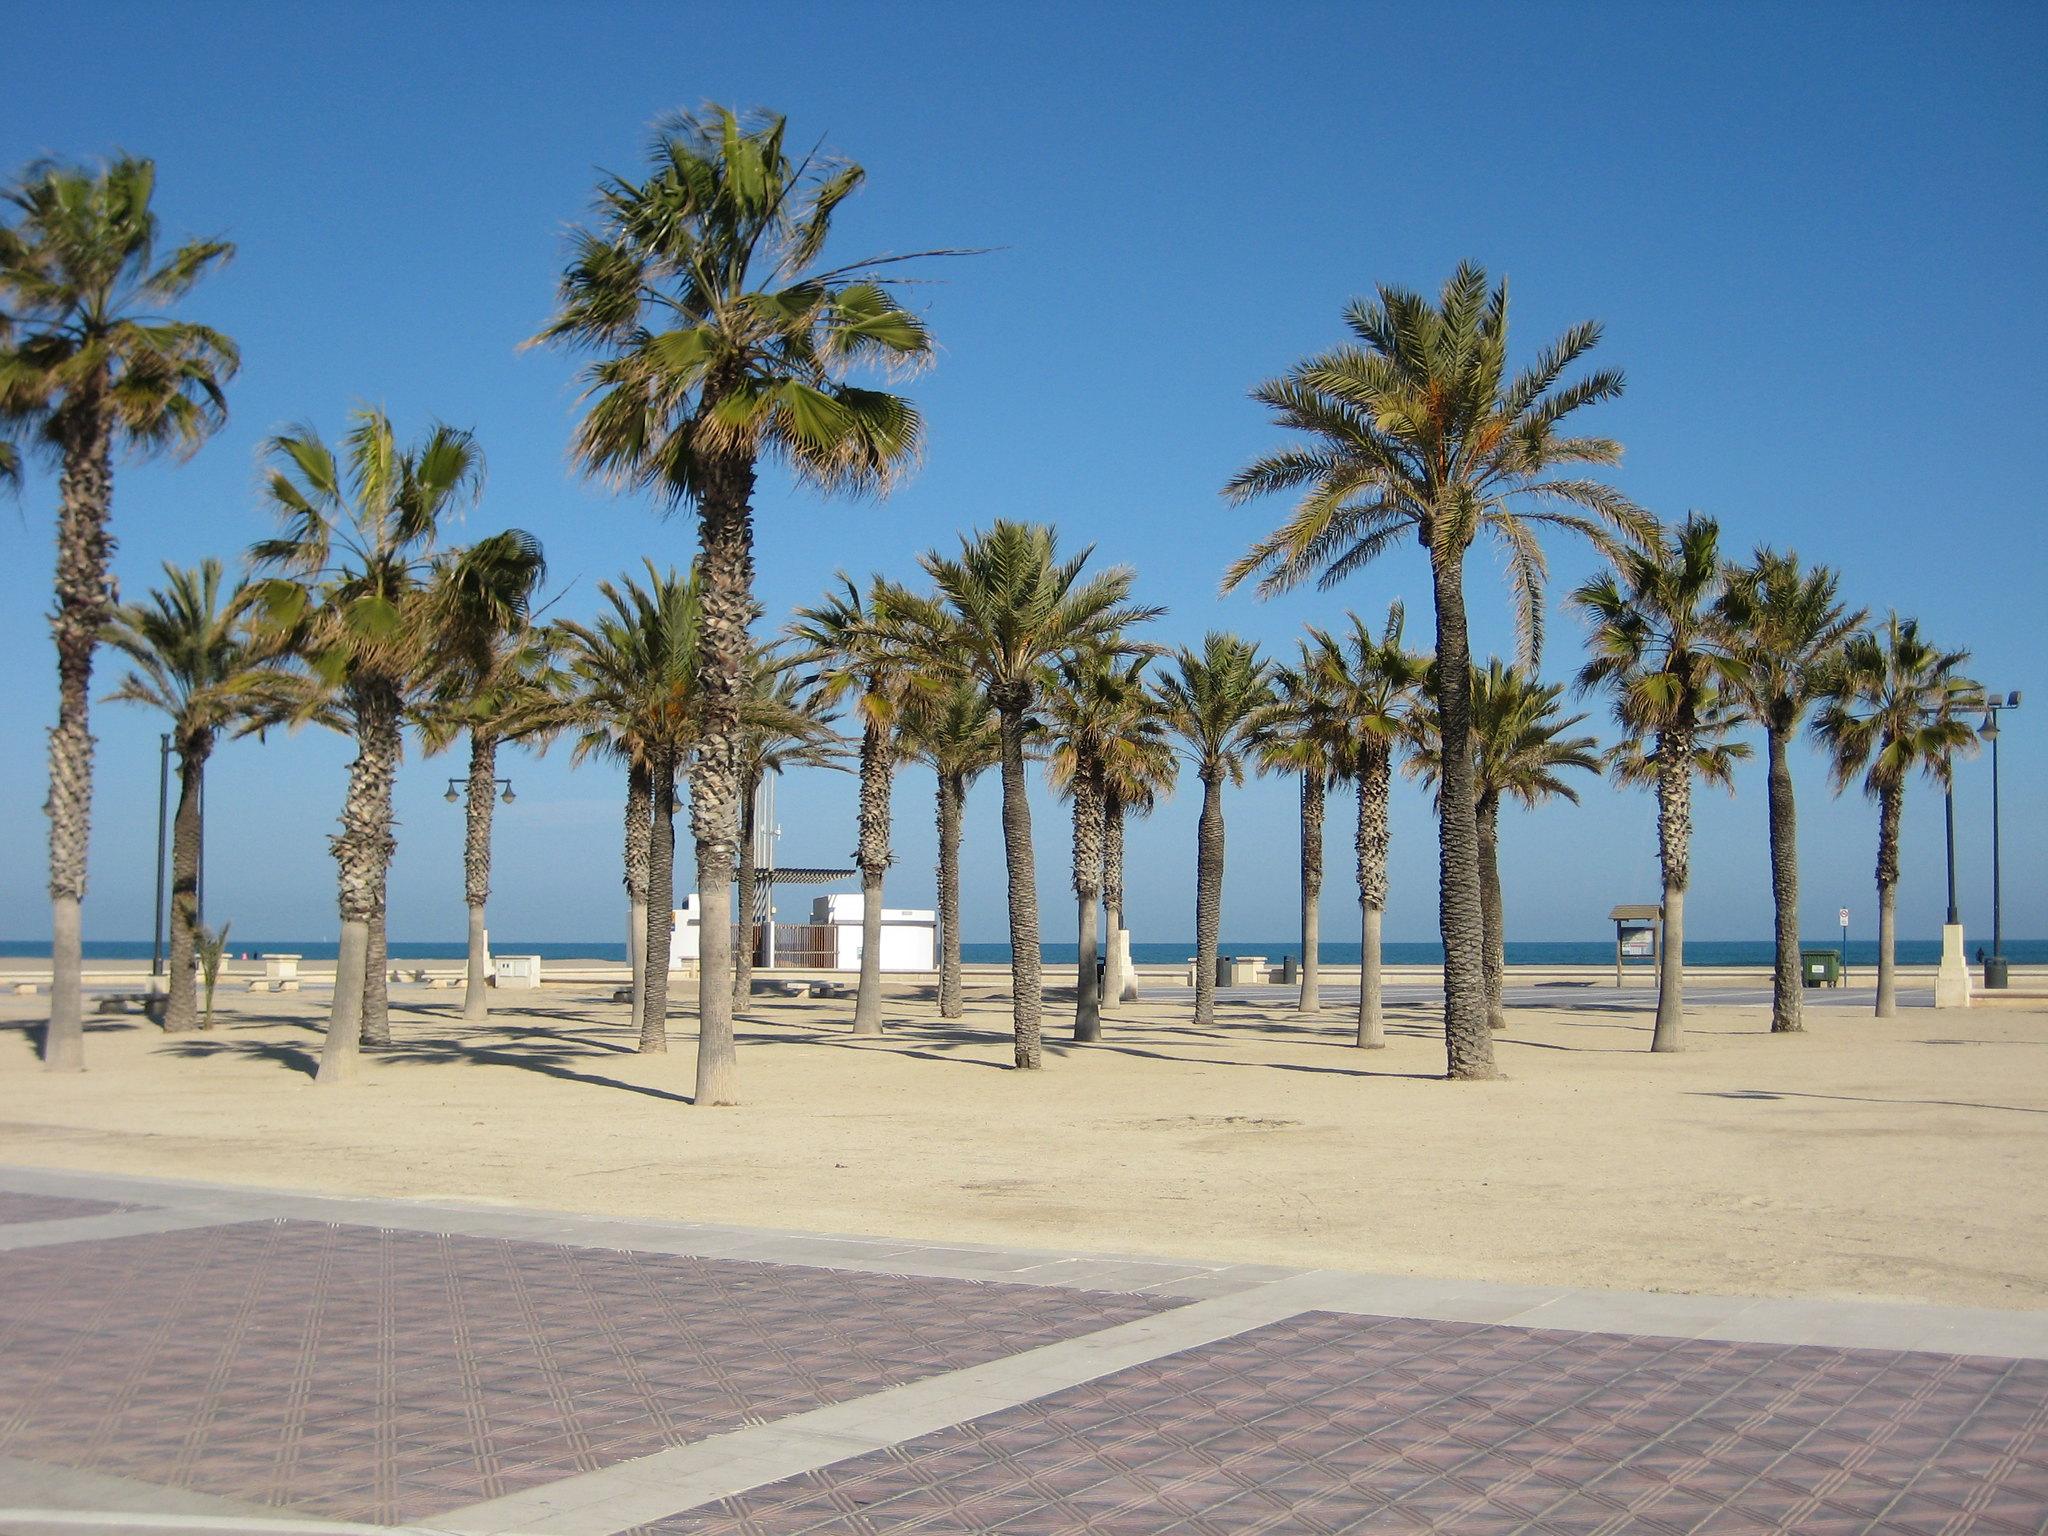 Spiaggia Malvarossa